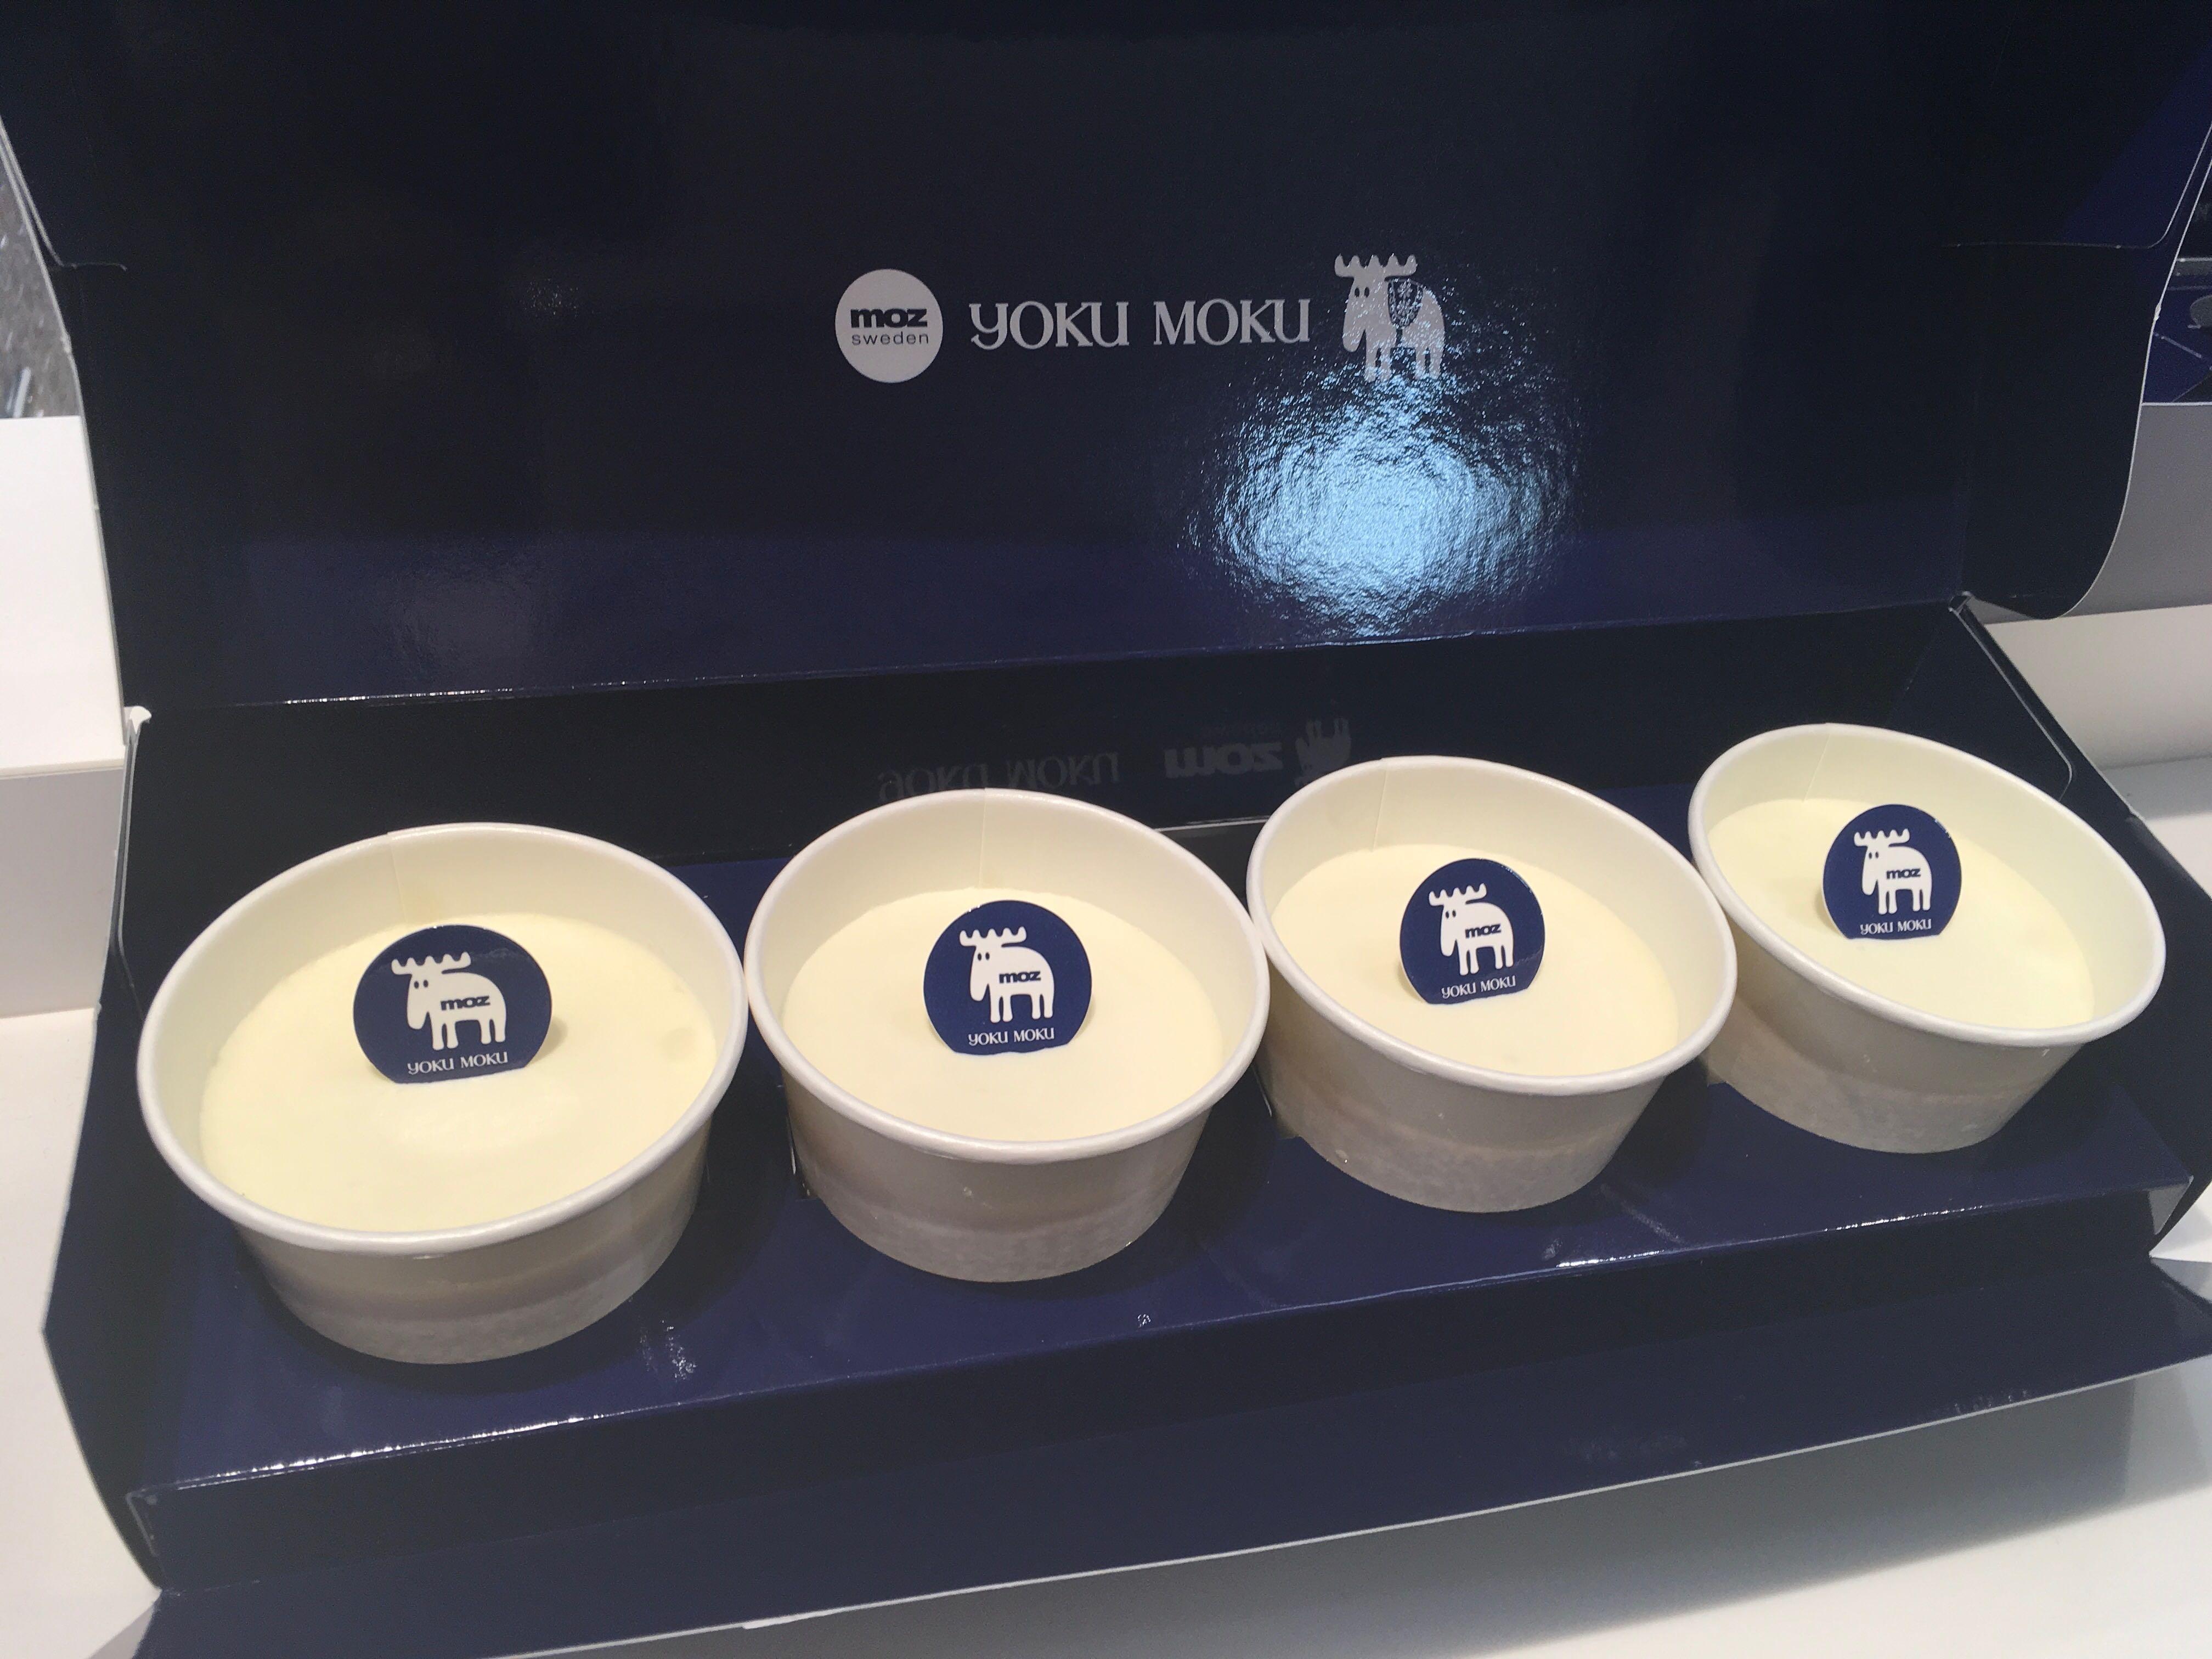 エルダーフラワーのダブルチーズケーキ【テイクアウト】1,404円/4個セット(税込)